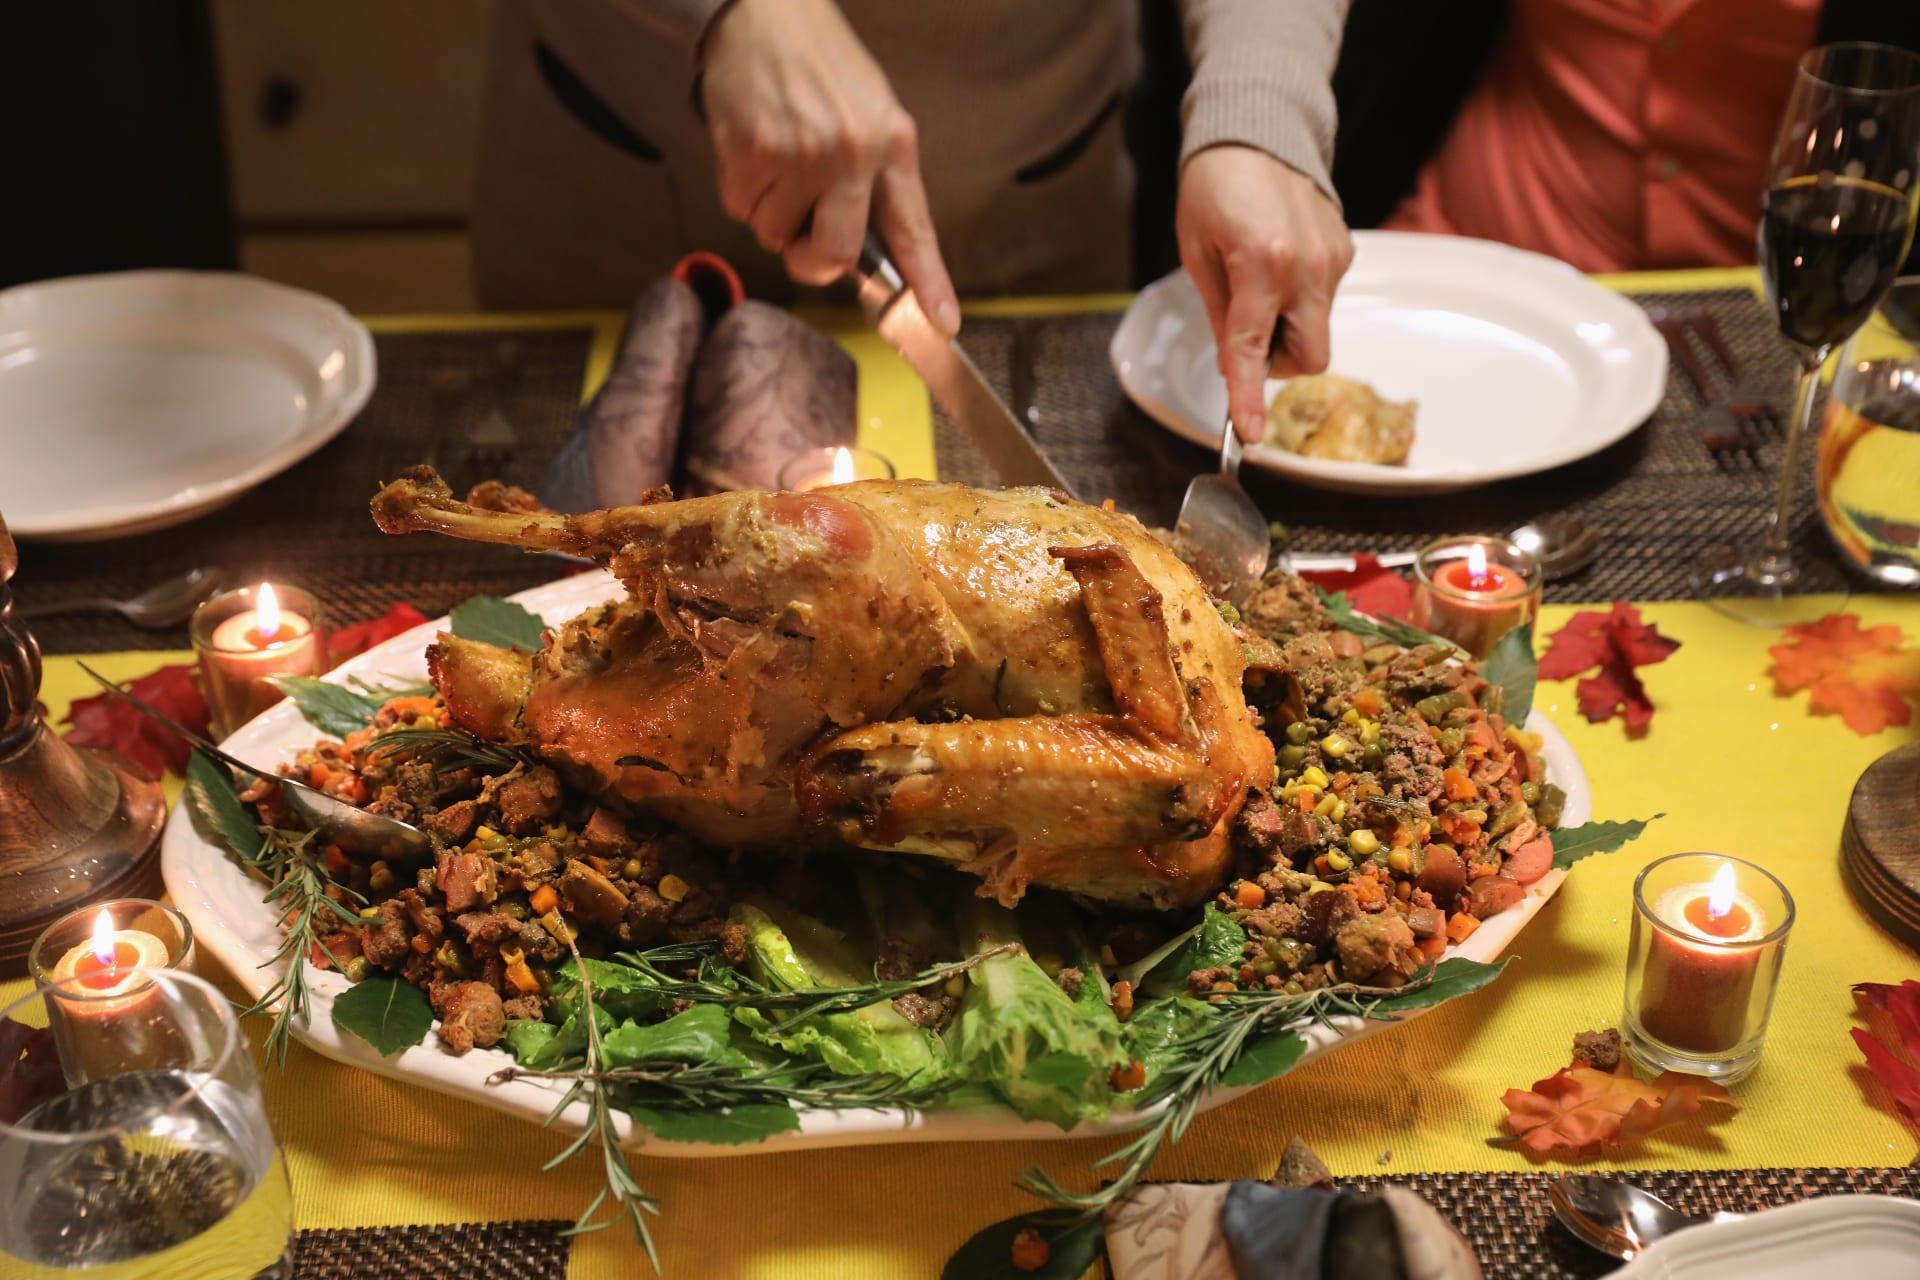 مواطنون أمريكيون يحتفلون بعيد الشكر ويتناولون طبق الديك الرومي الى جانب أطباق أخرى